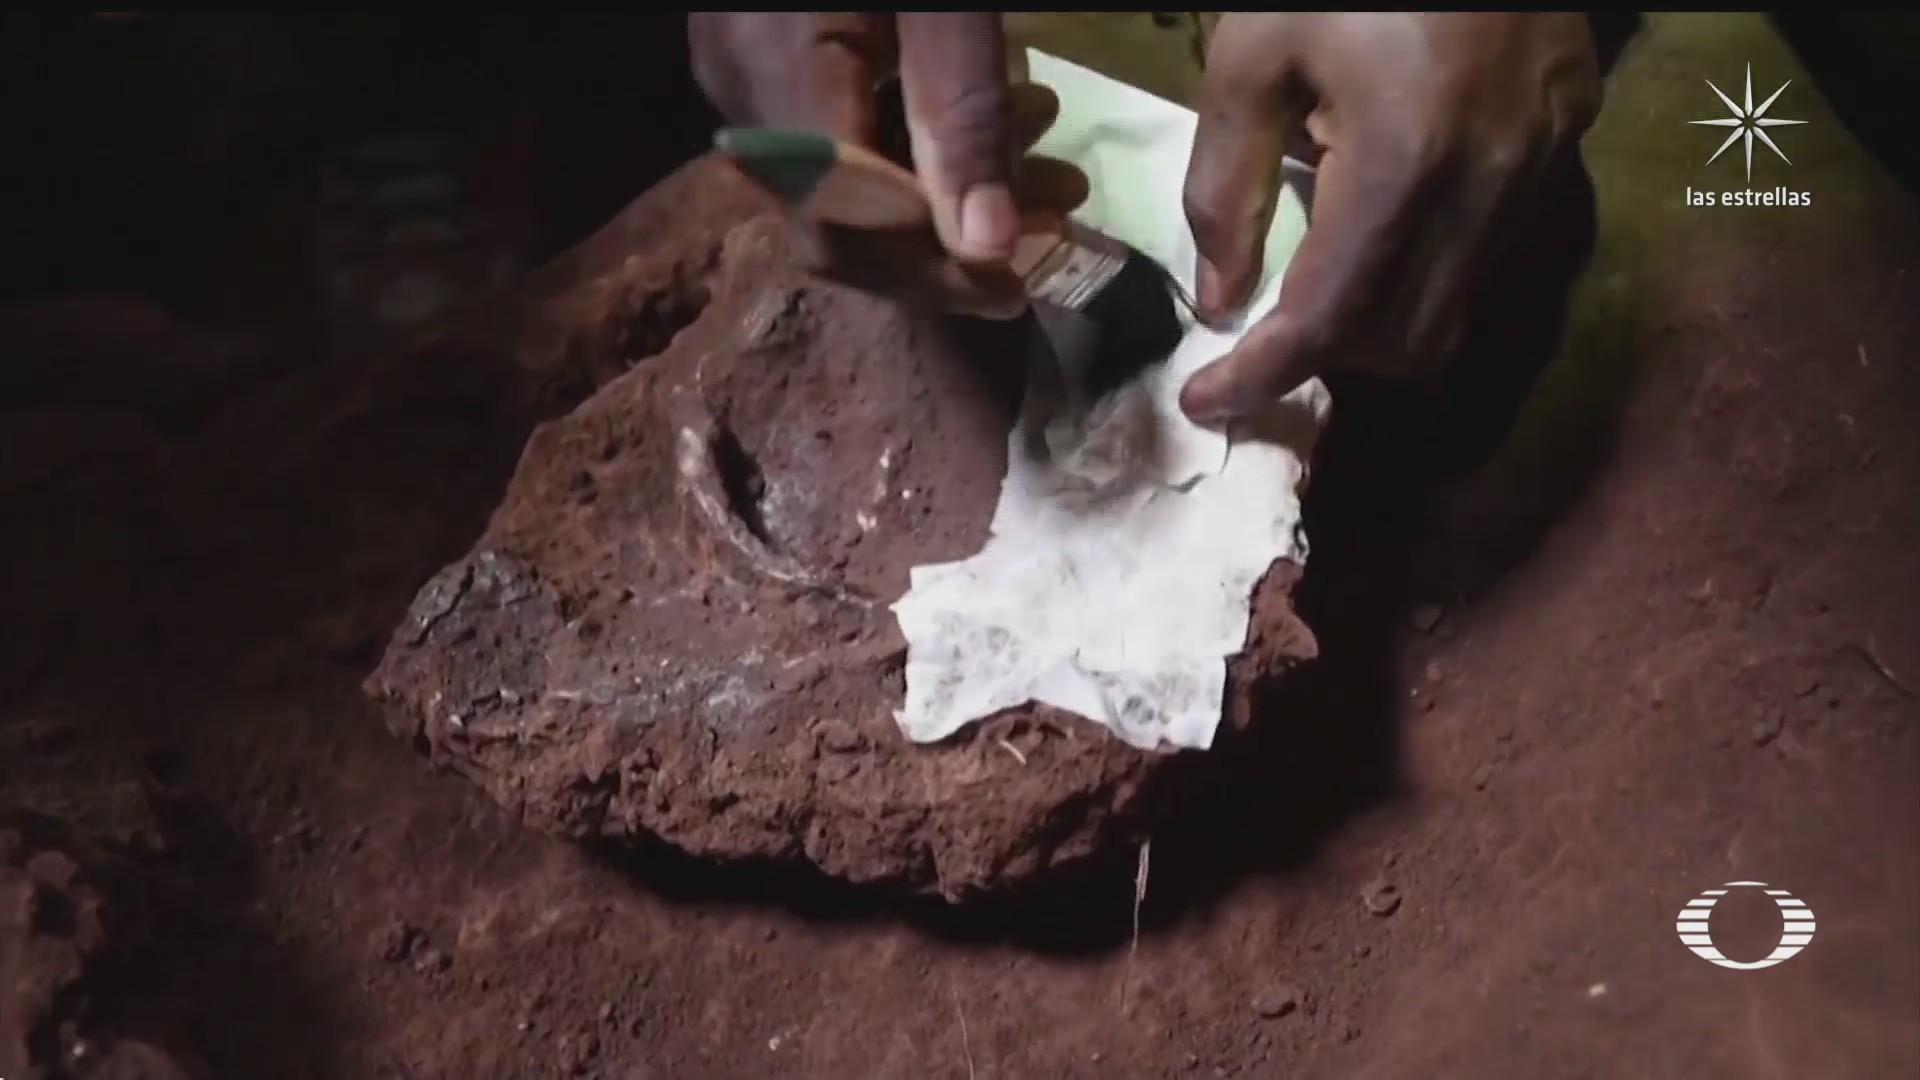 descubren en kenia el entierro mas antiguo de africa